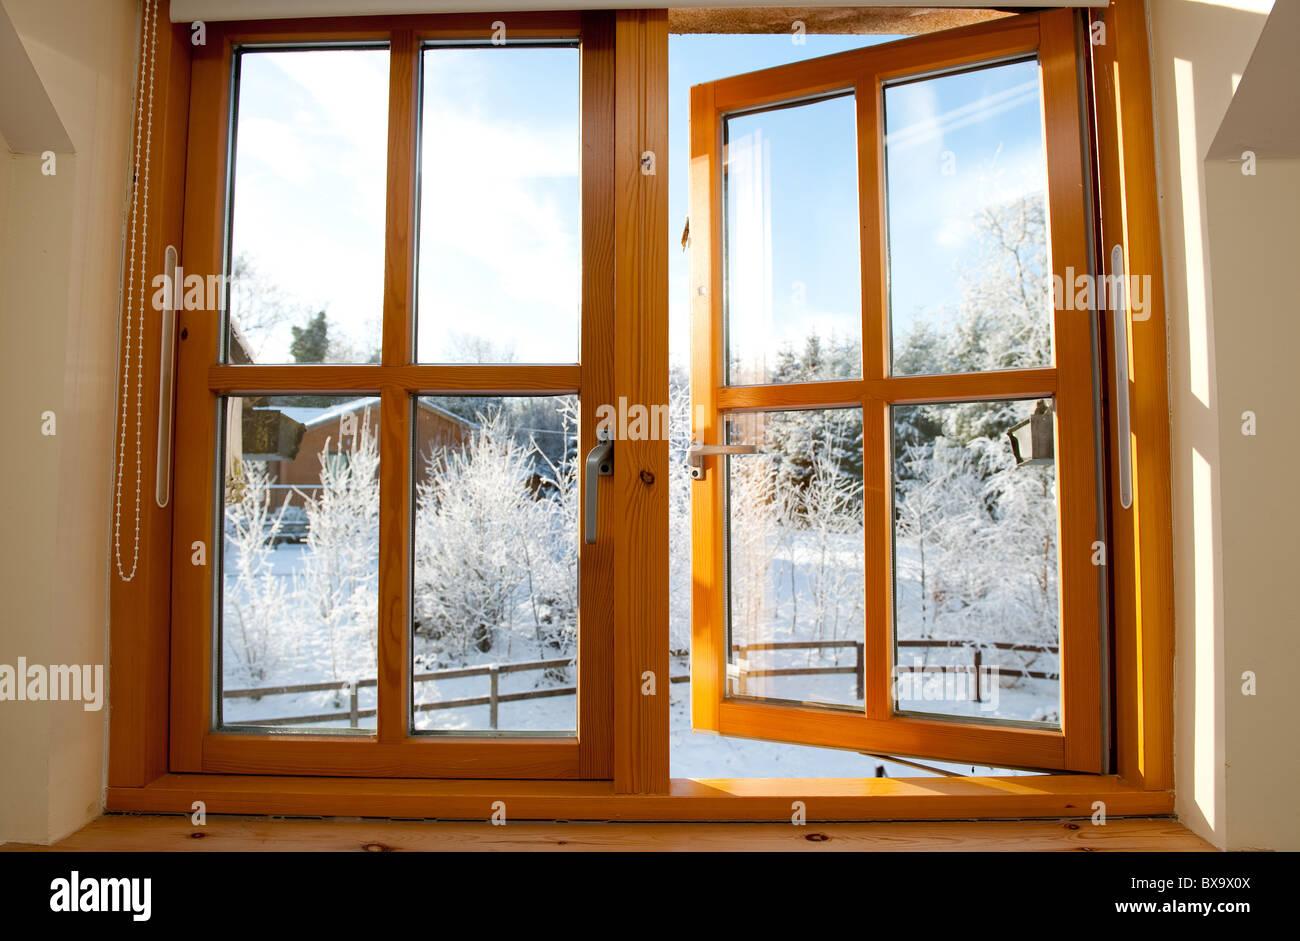 Temprano en la mañana de invierno gélido vista a través de una ventana. Imagen De Stock